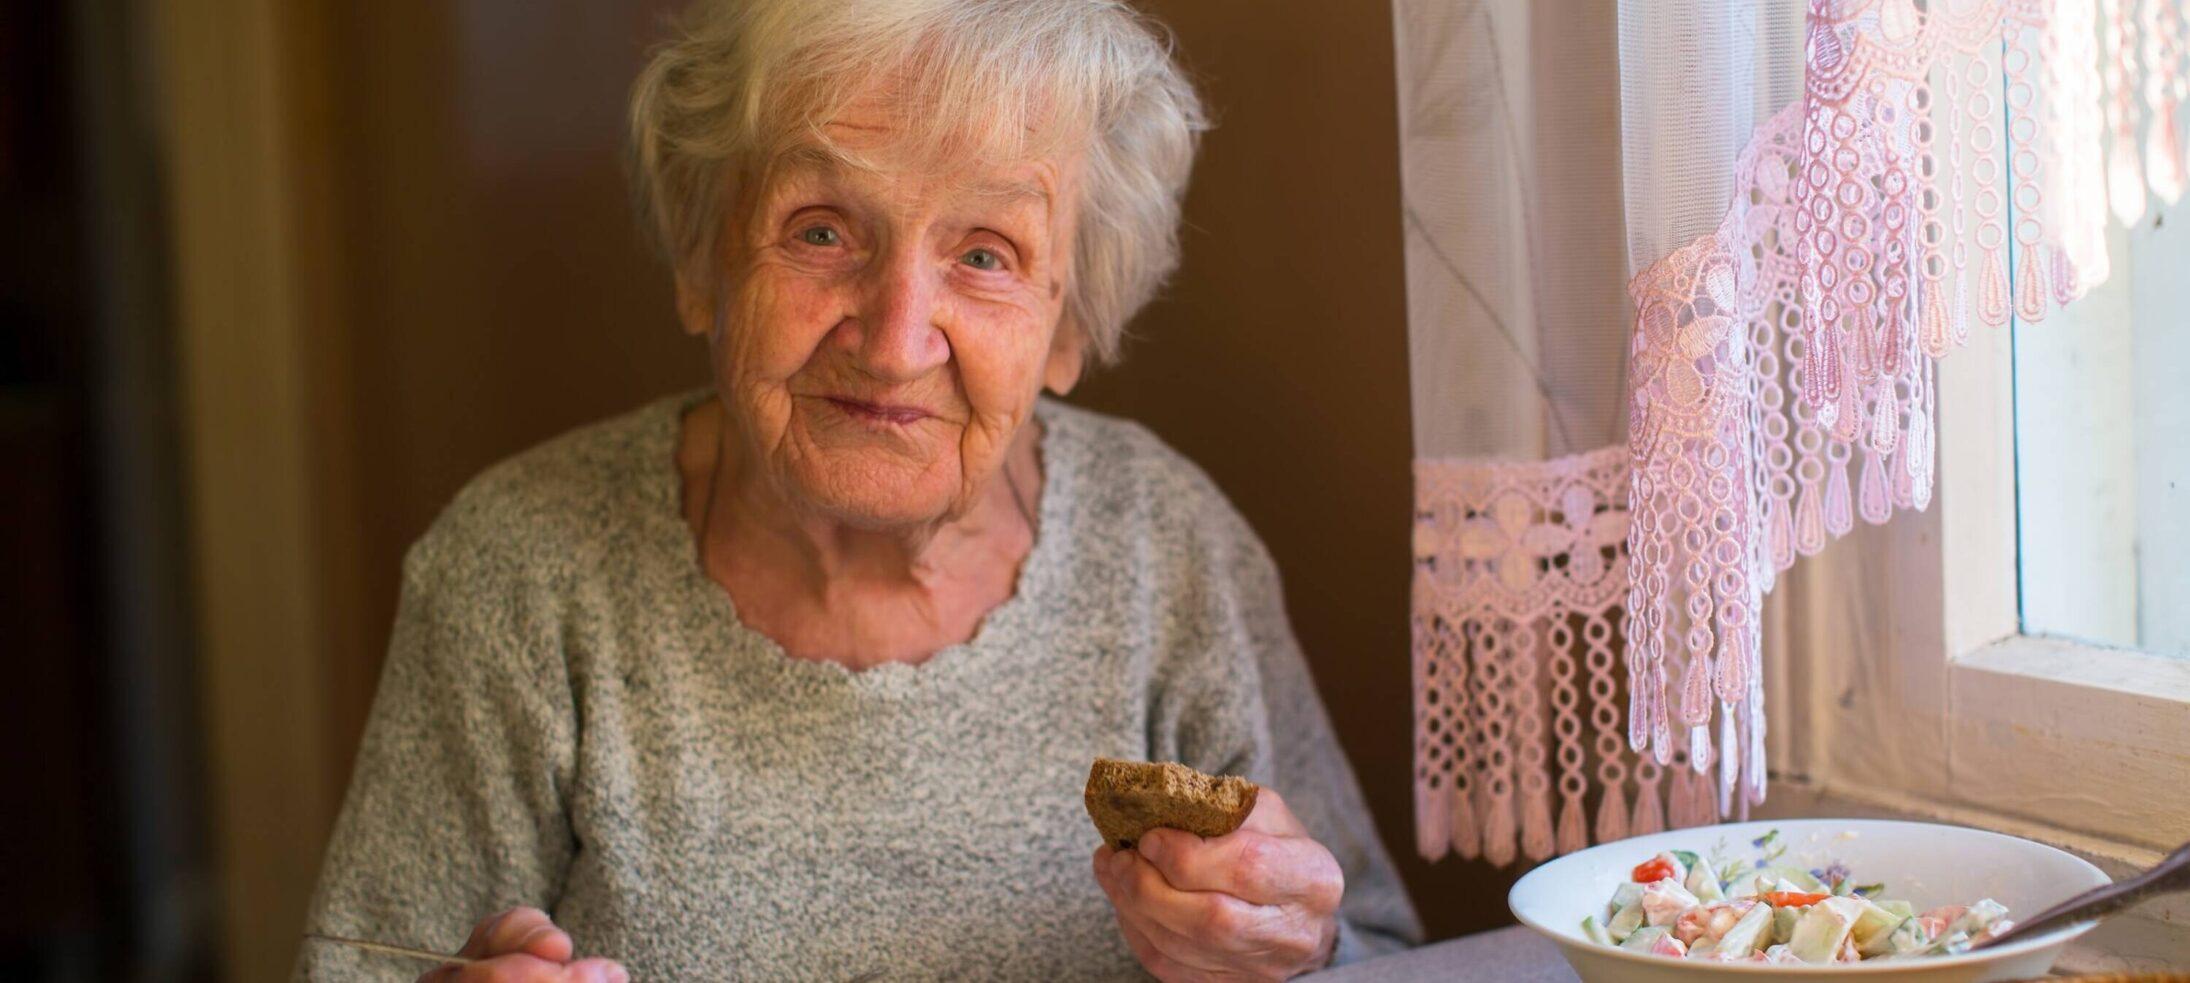 Äldre dam med vitt hår sitter och äter vid sitt köksbord.